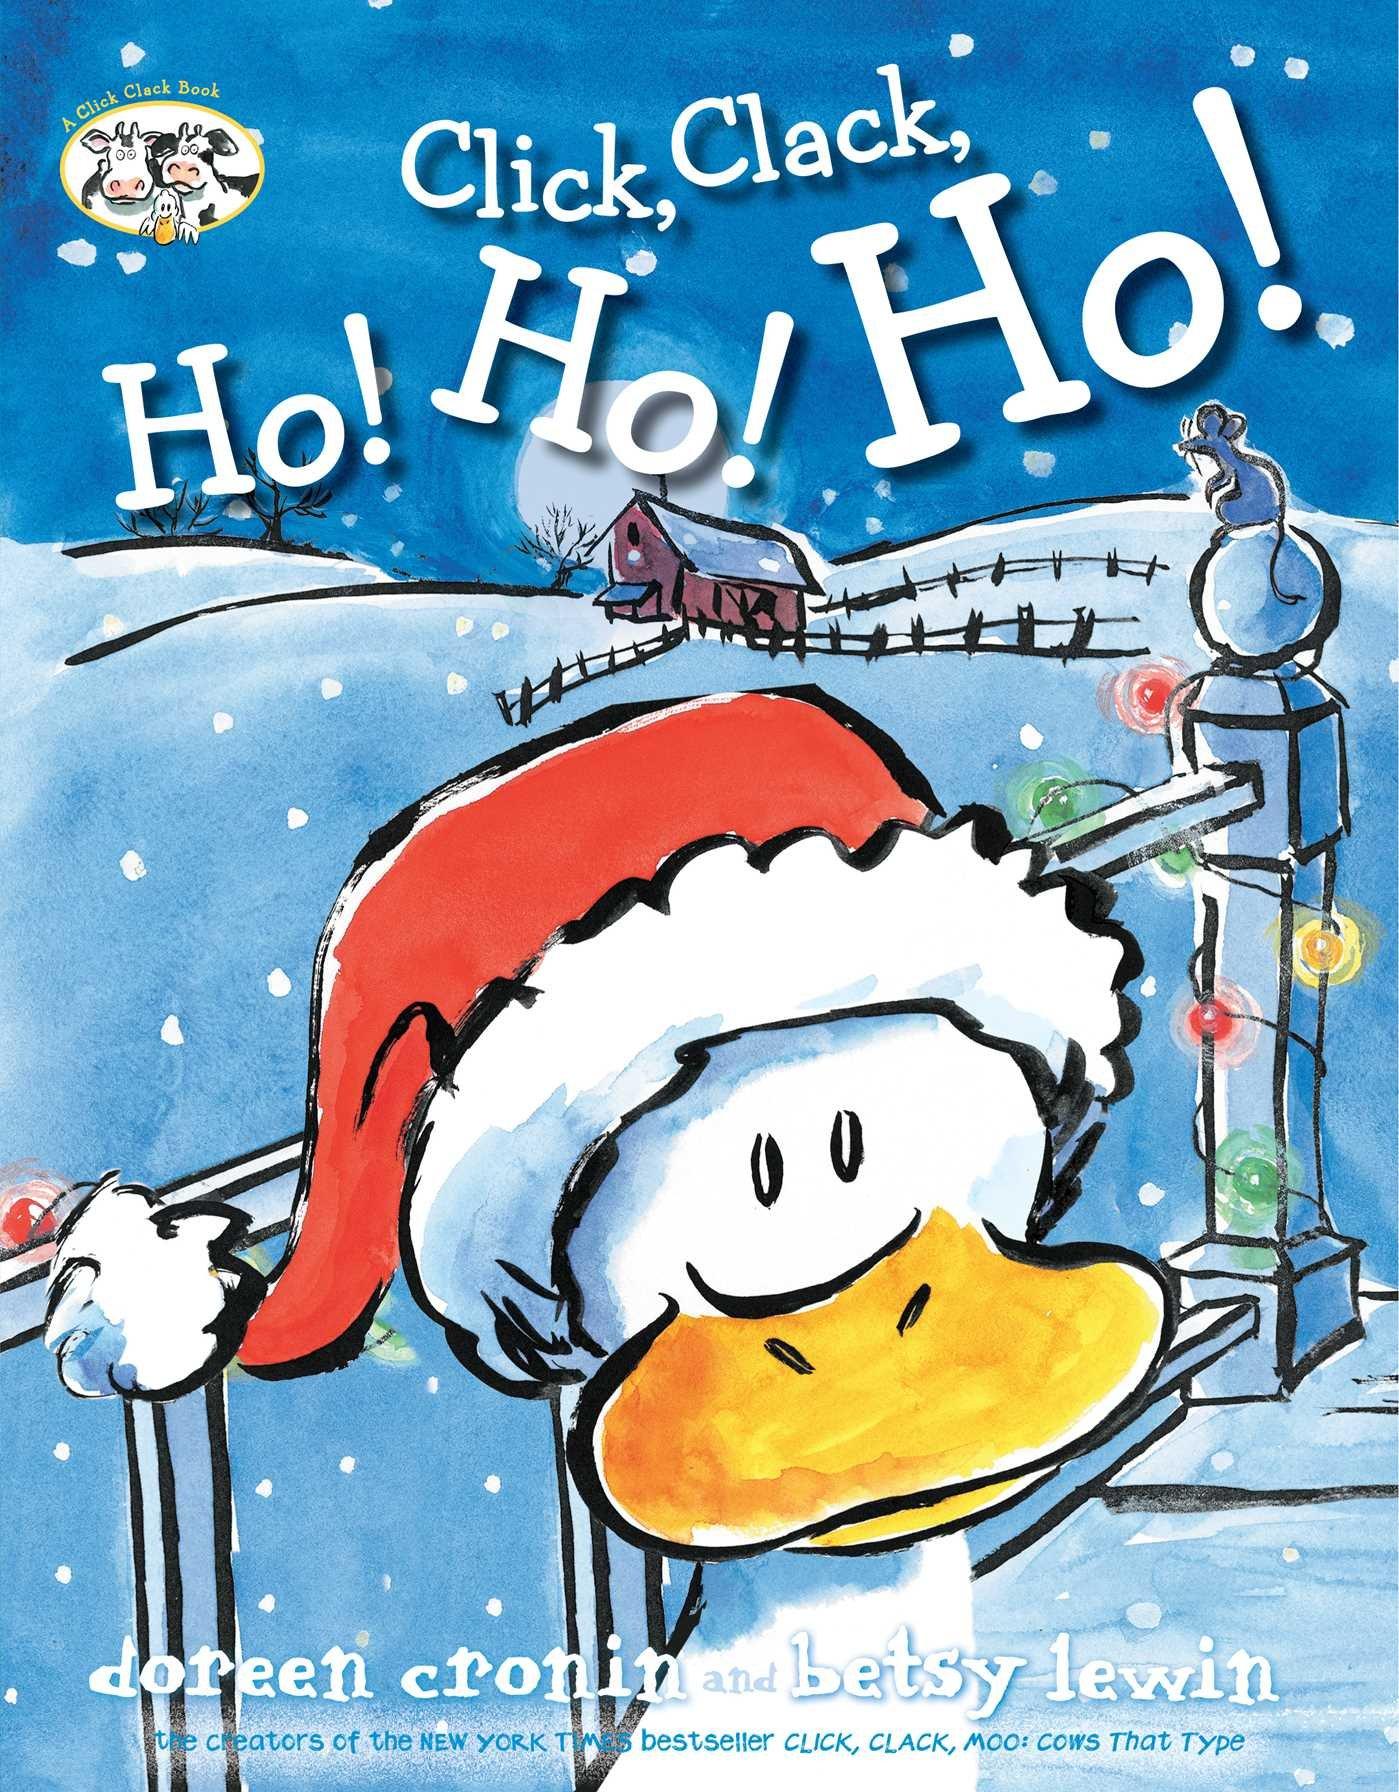 Click, Clack, Ho! Ho! Ho! by Doreen Cronin